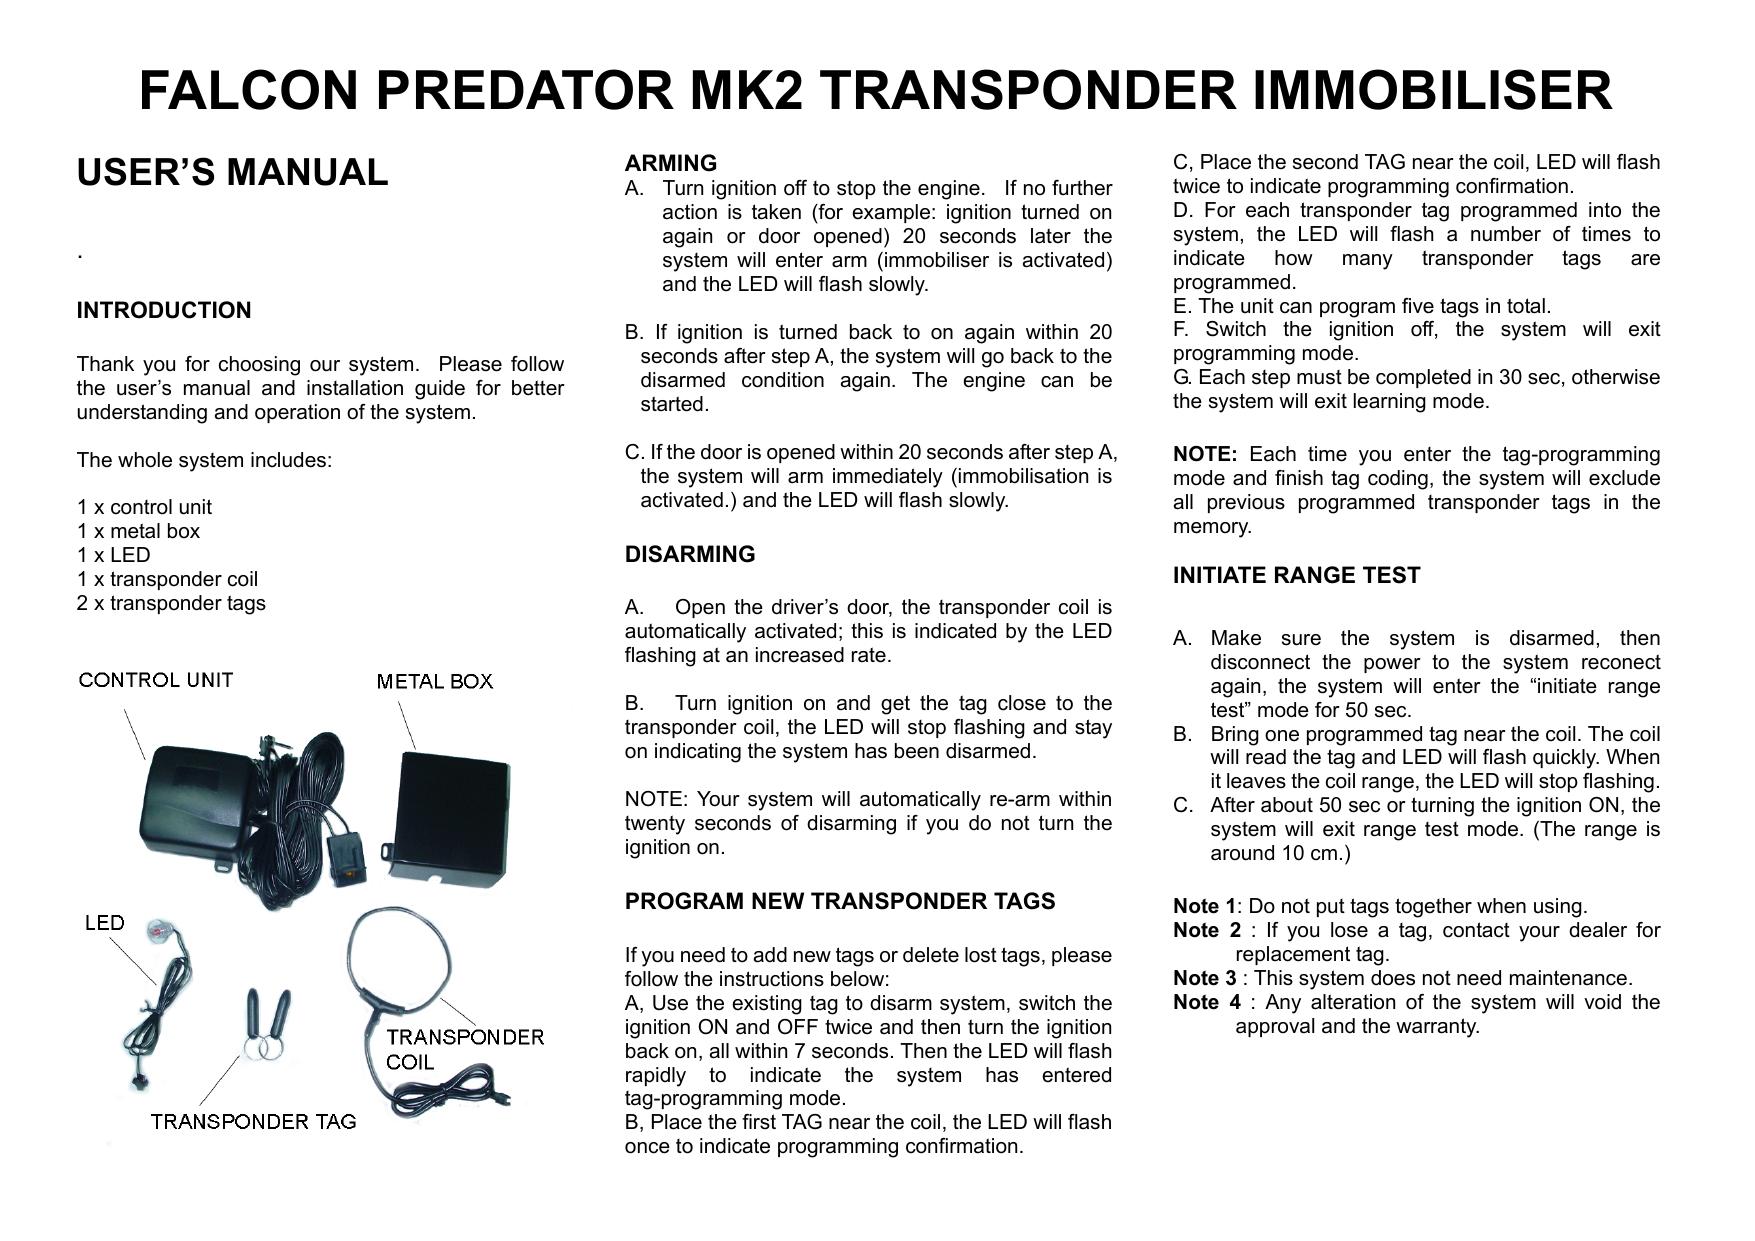 falcon predator mk2 transponder immobiliser | manualzz com